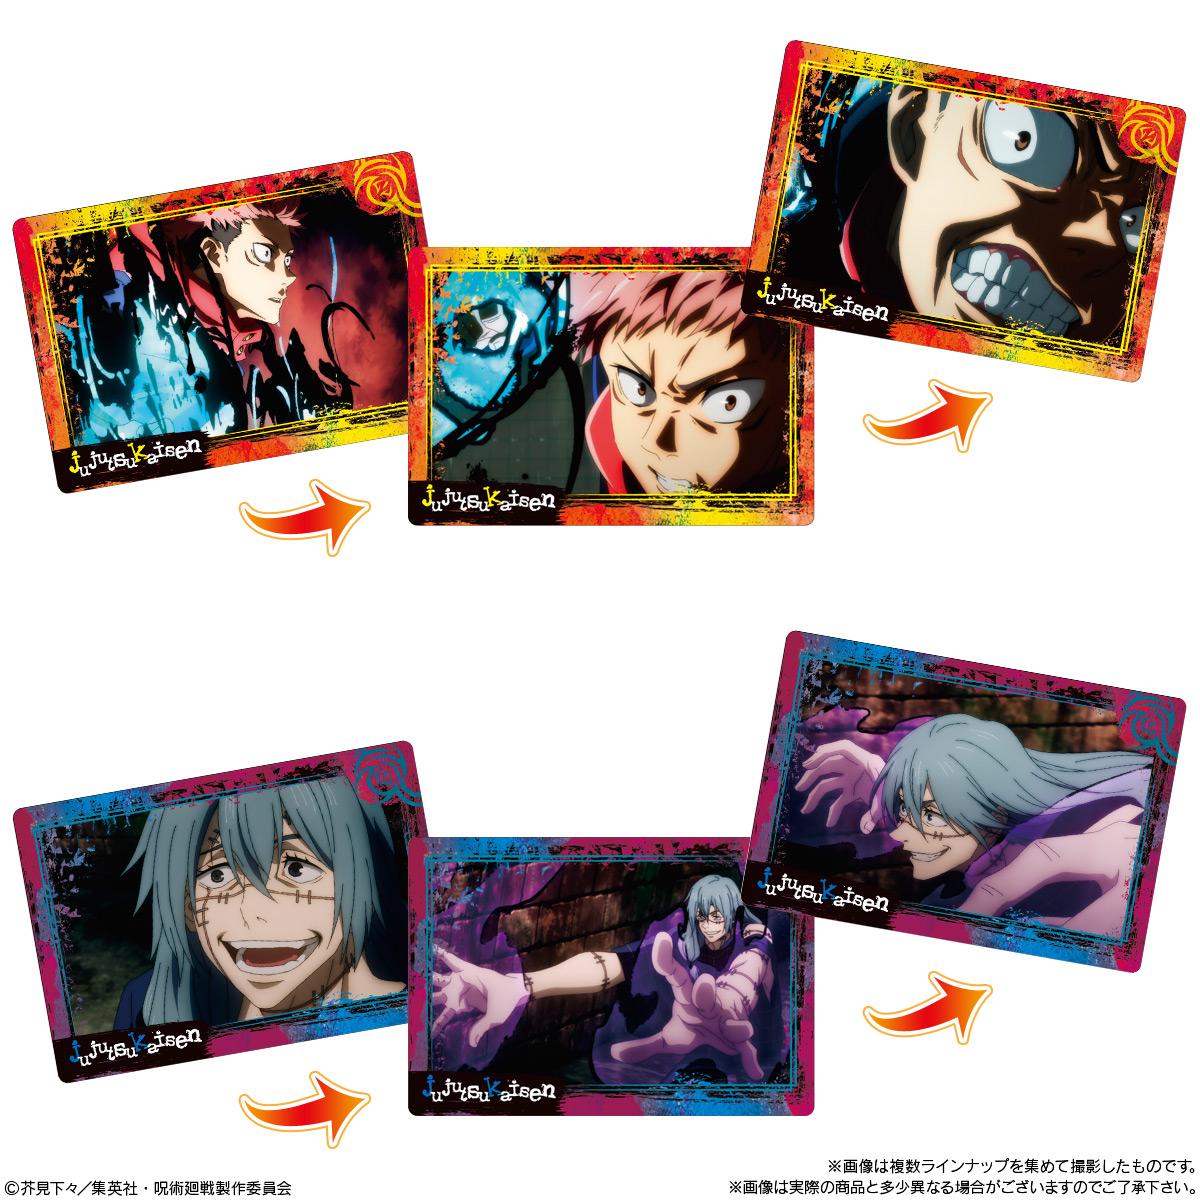 【食玩】呪術廻戦『呪術廻戦 PLAY BACKカードチョコスナック』10個入りBOX-008